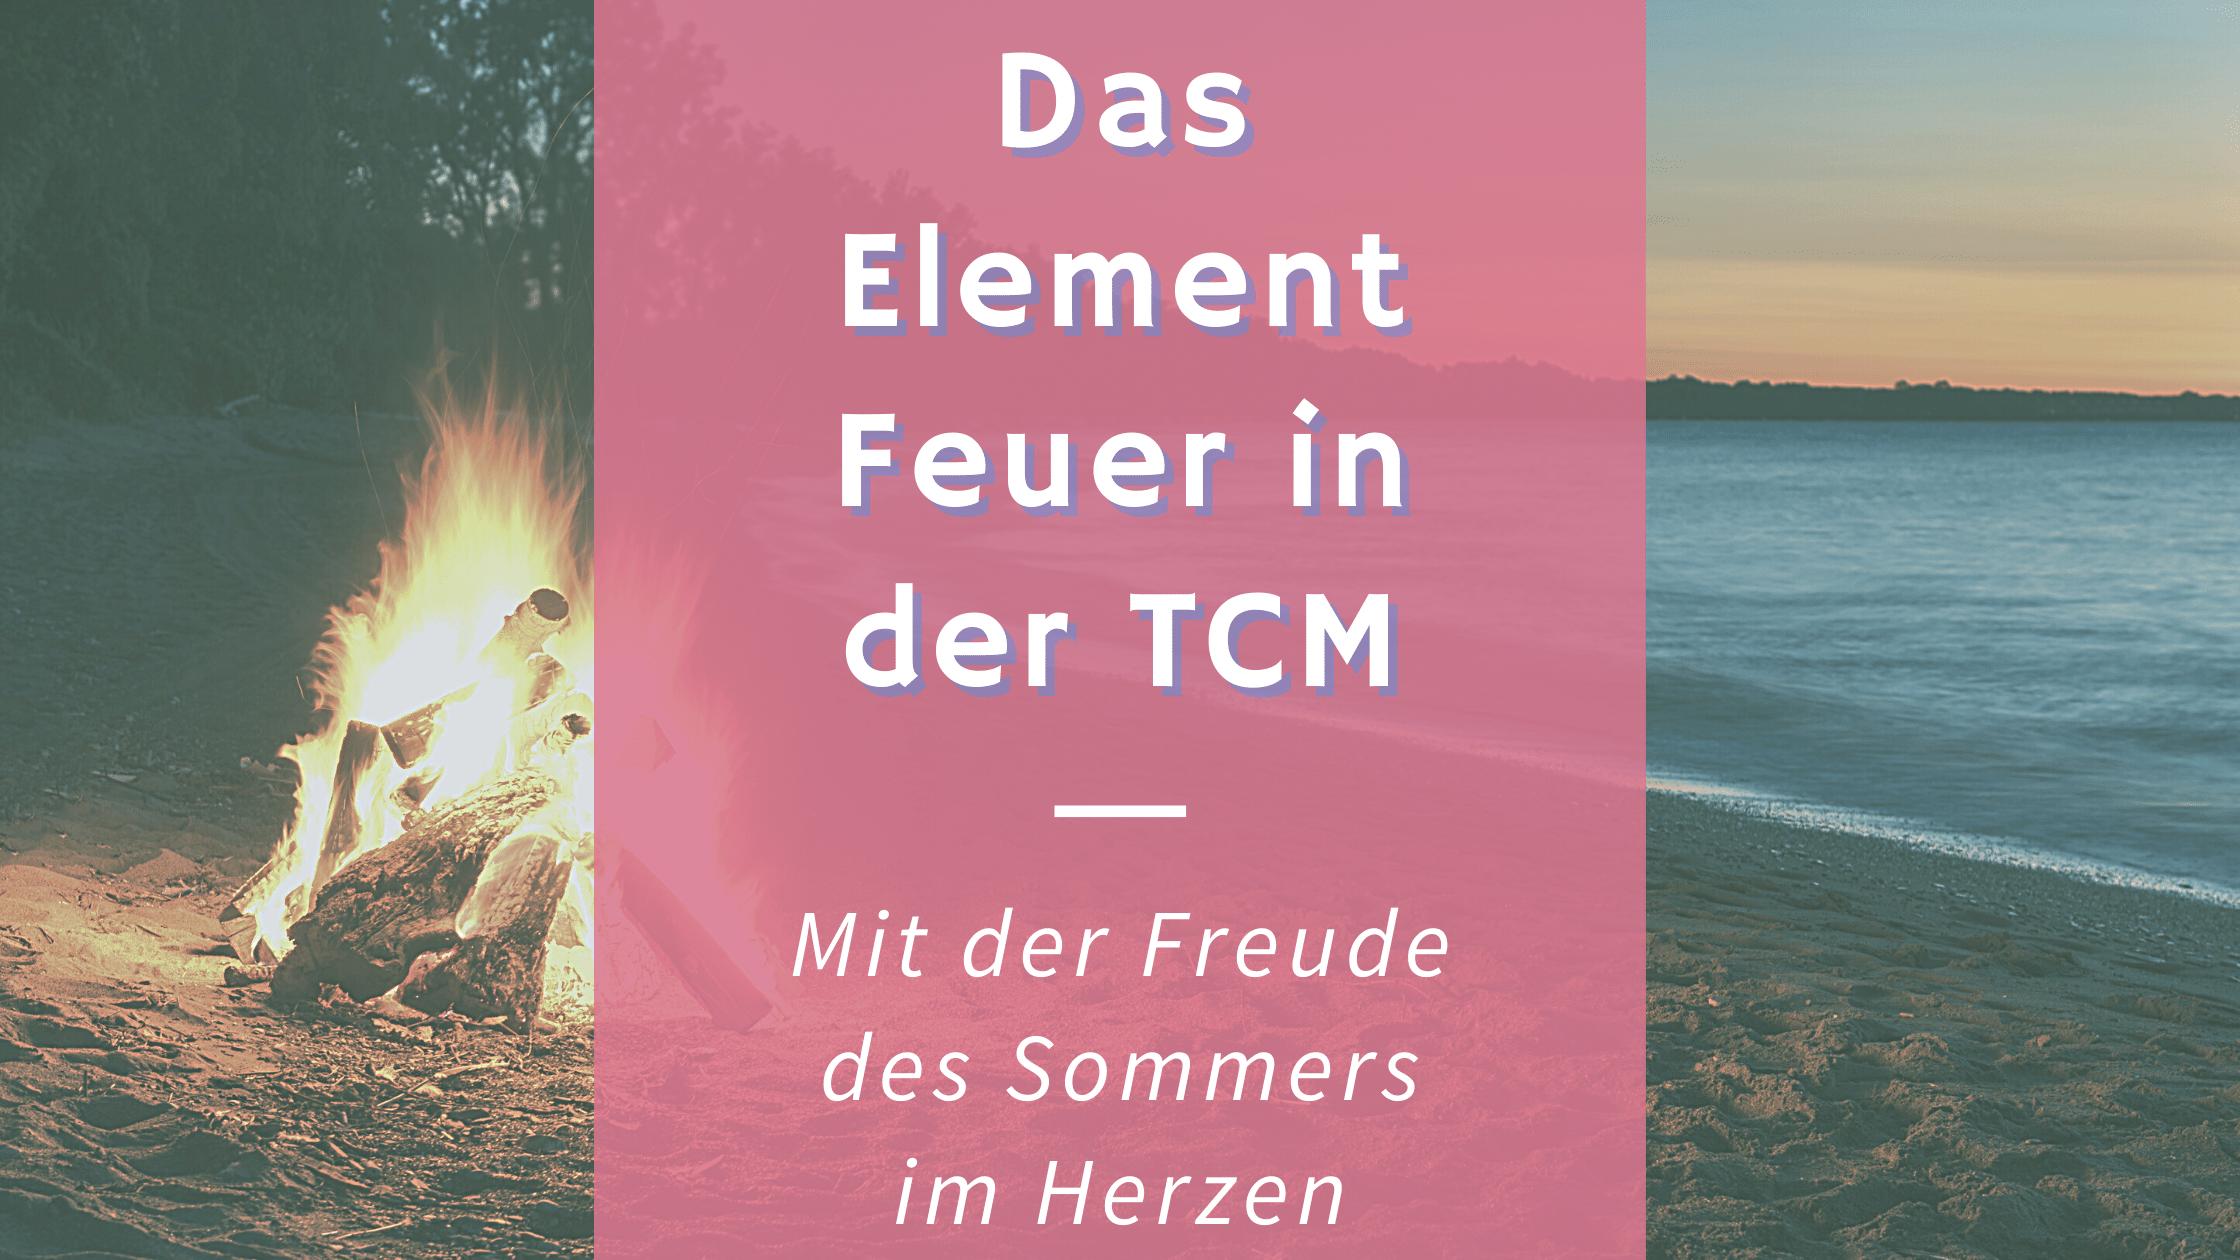 Das Element Feuer nach TCM – Die Hitzigen